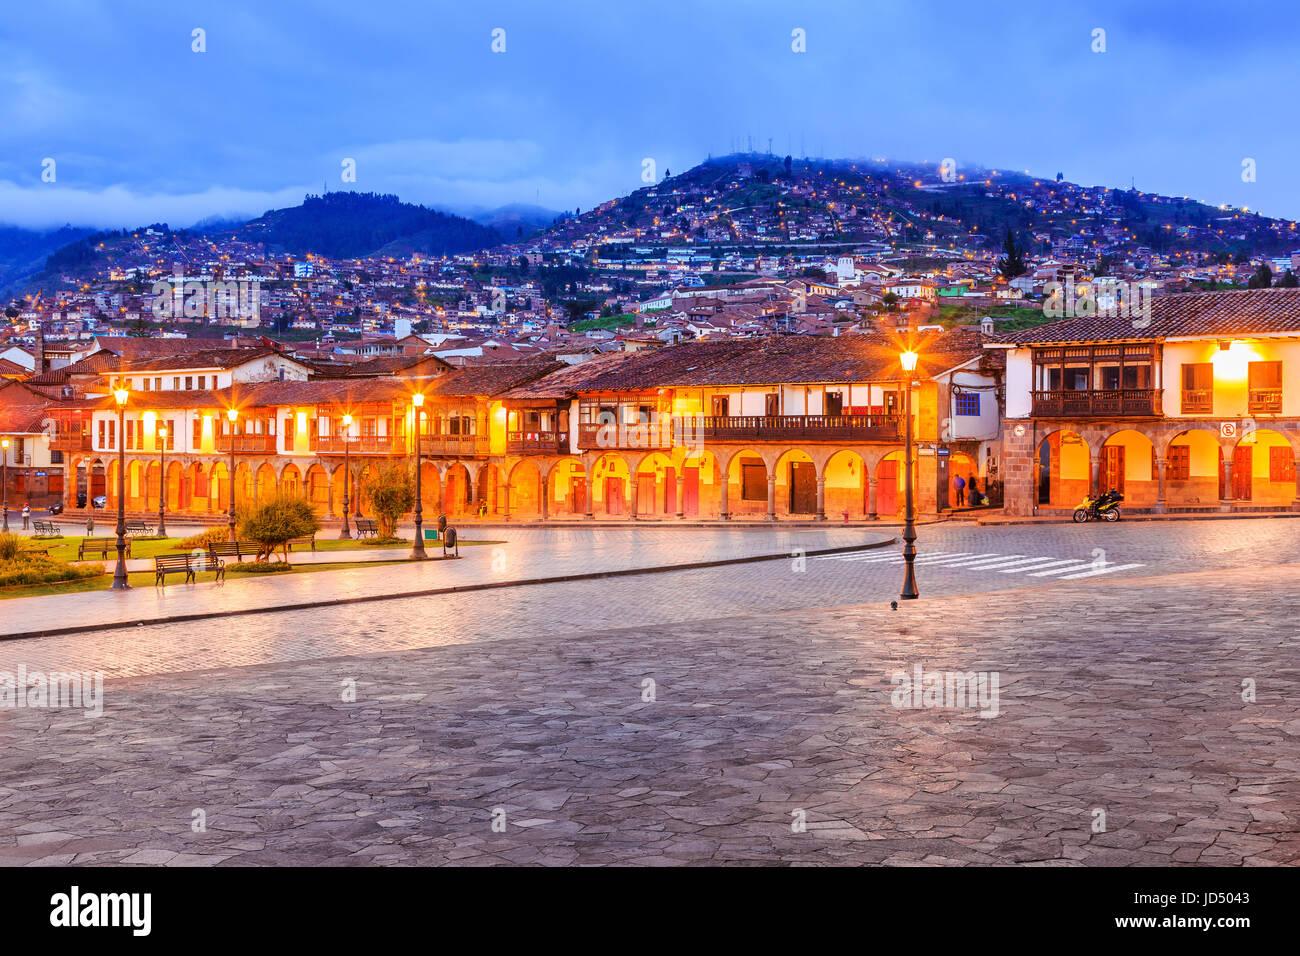 Cusco, Pérou. Plaza de Armas, la place principale de Cusco. Photo Stock